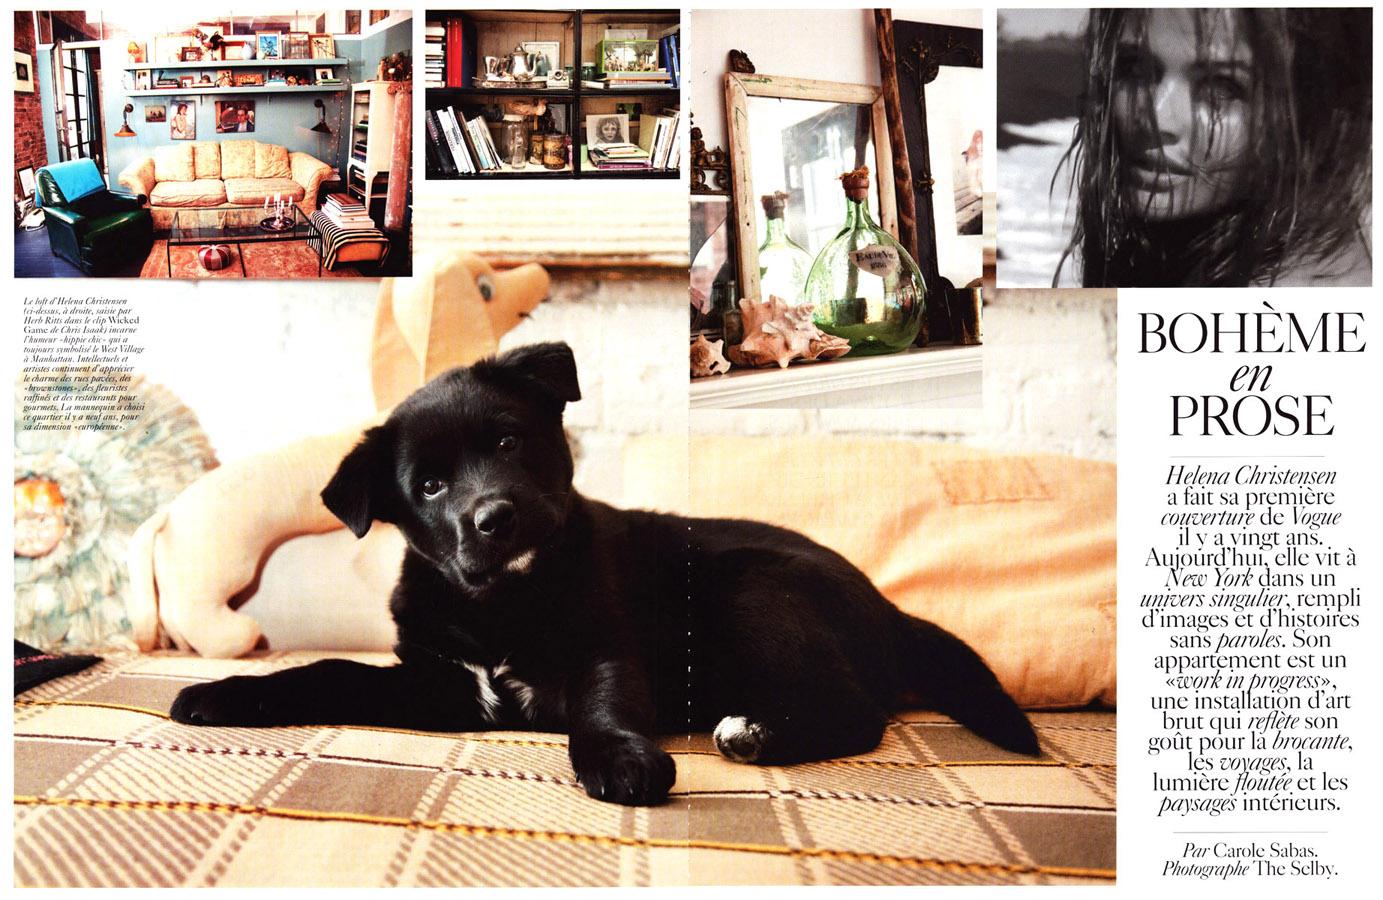 http://1.bp.blogspot.com/-MmjReFJhcFg/Tl4UddBtU6I/AAAAAAAAAn0/iI72WepIj3Y/s1600/FrenchVogueHelenaHome3.jpg